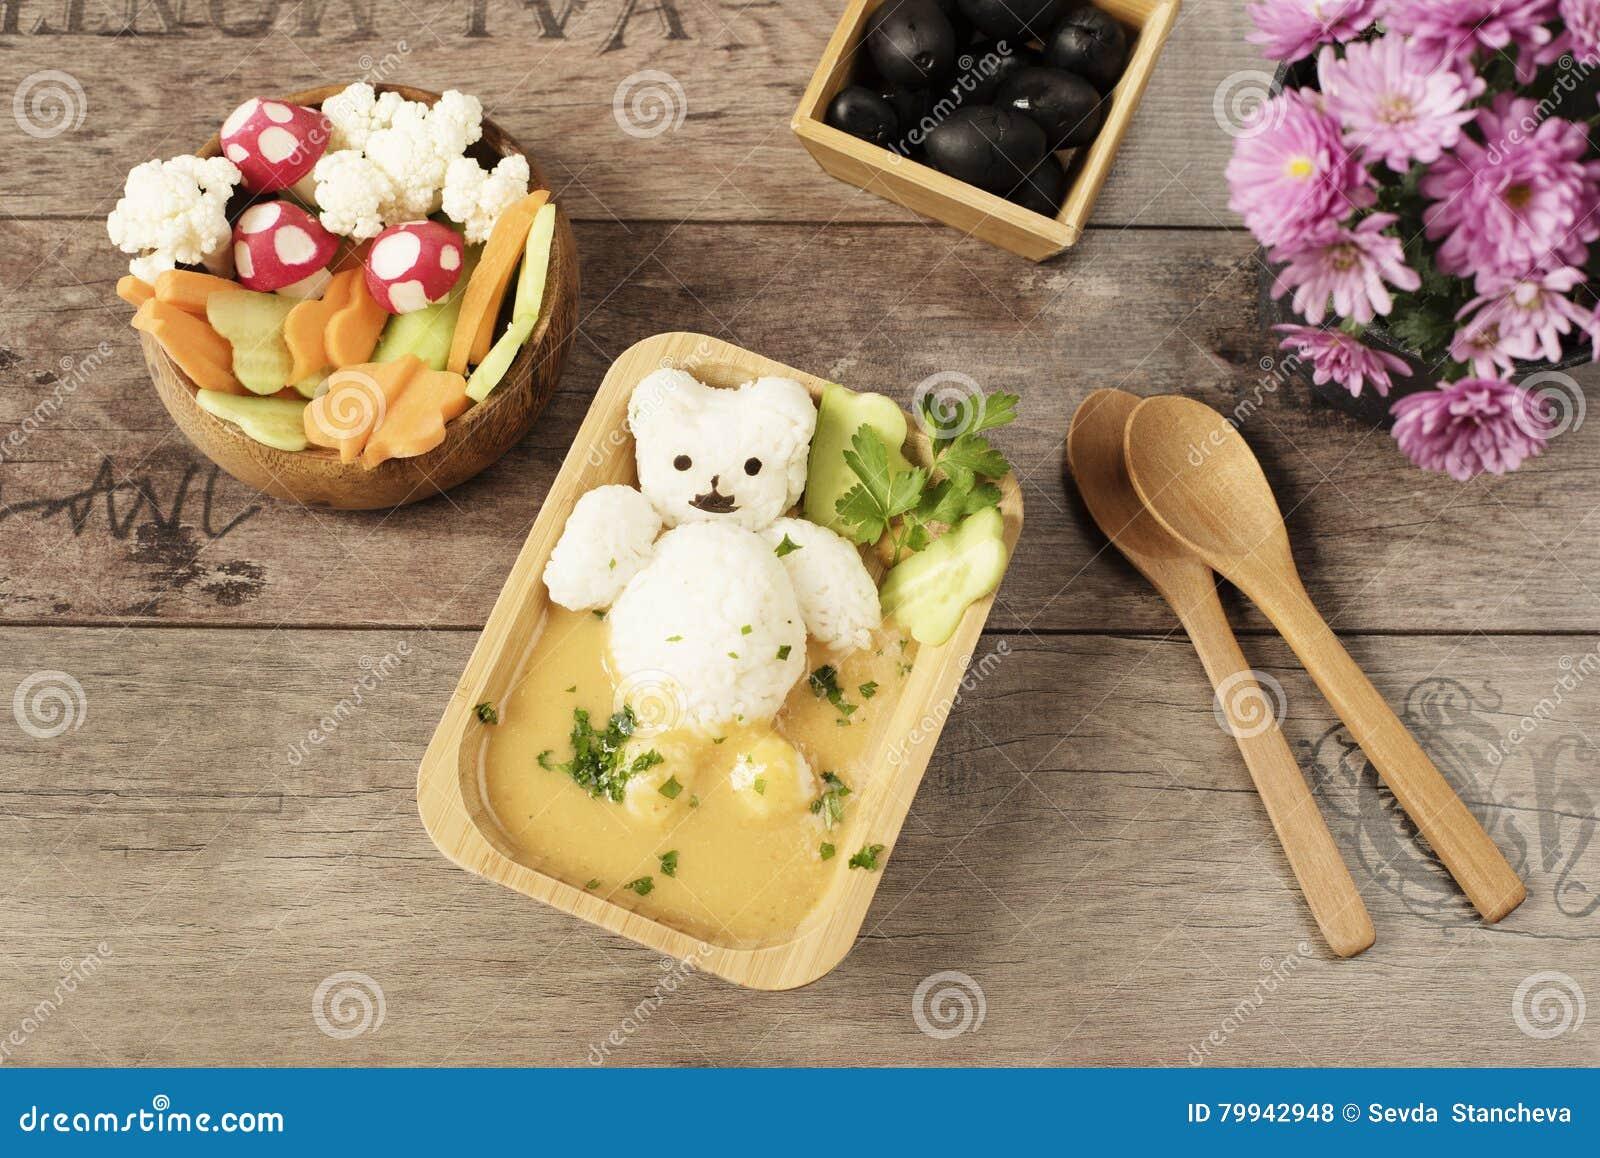 Idée créative pour des enfants déjeuner ou dîner Aliments pour animaux d enfants Bath avec l ours de riz et la soupe à crème Cham